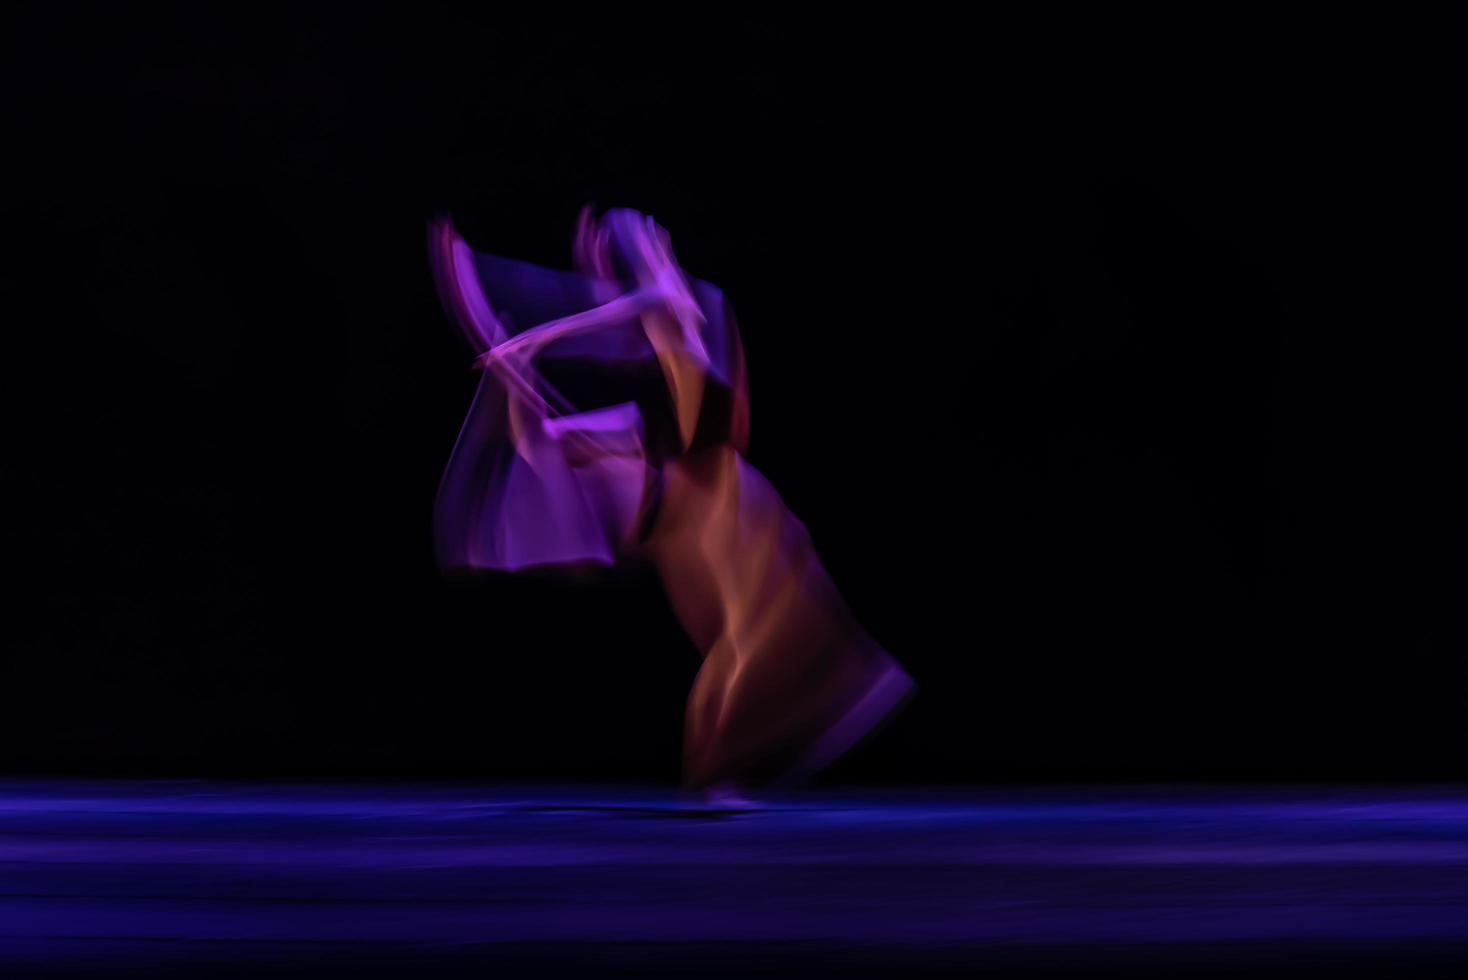 il movimento astratto della danza foto